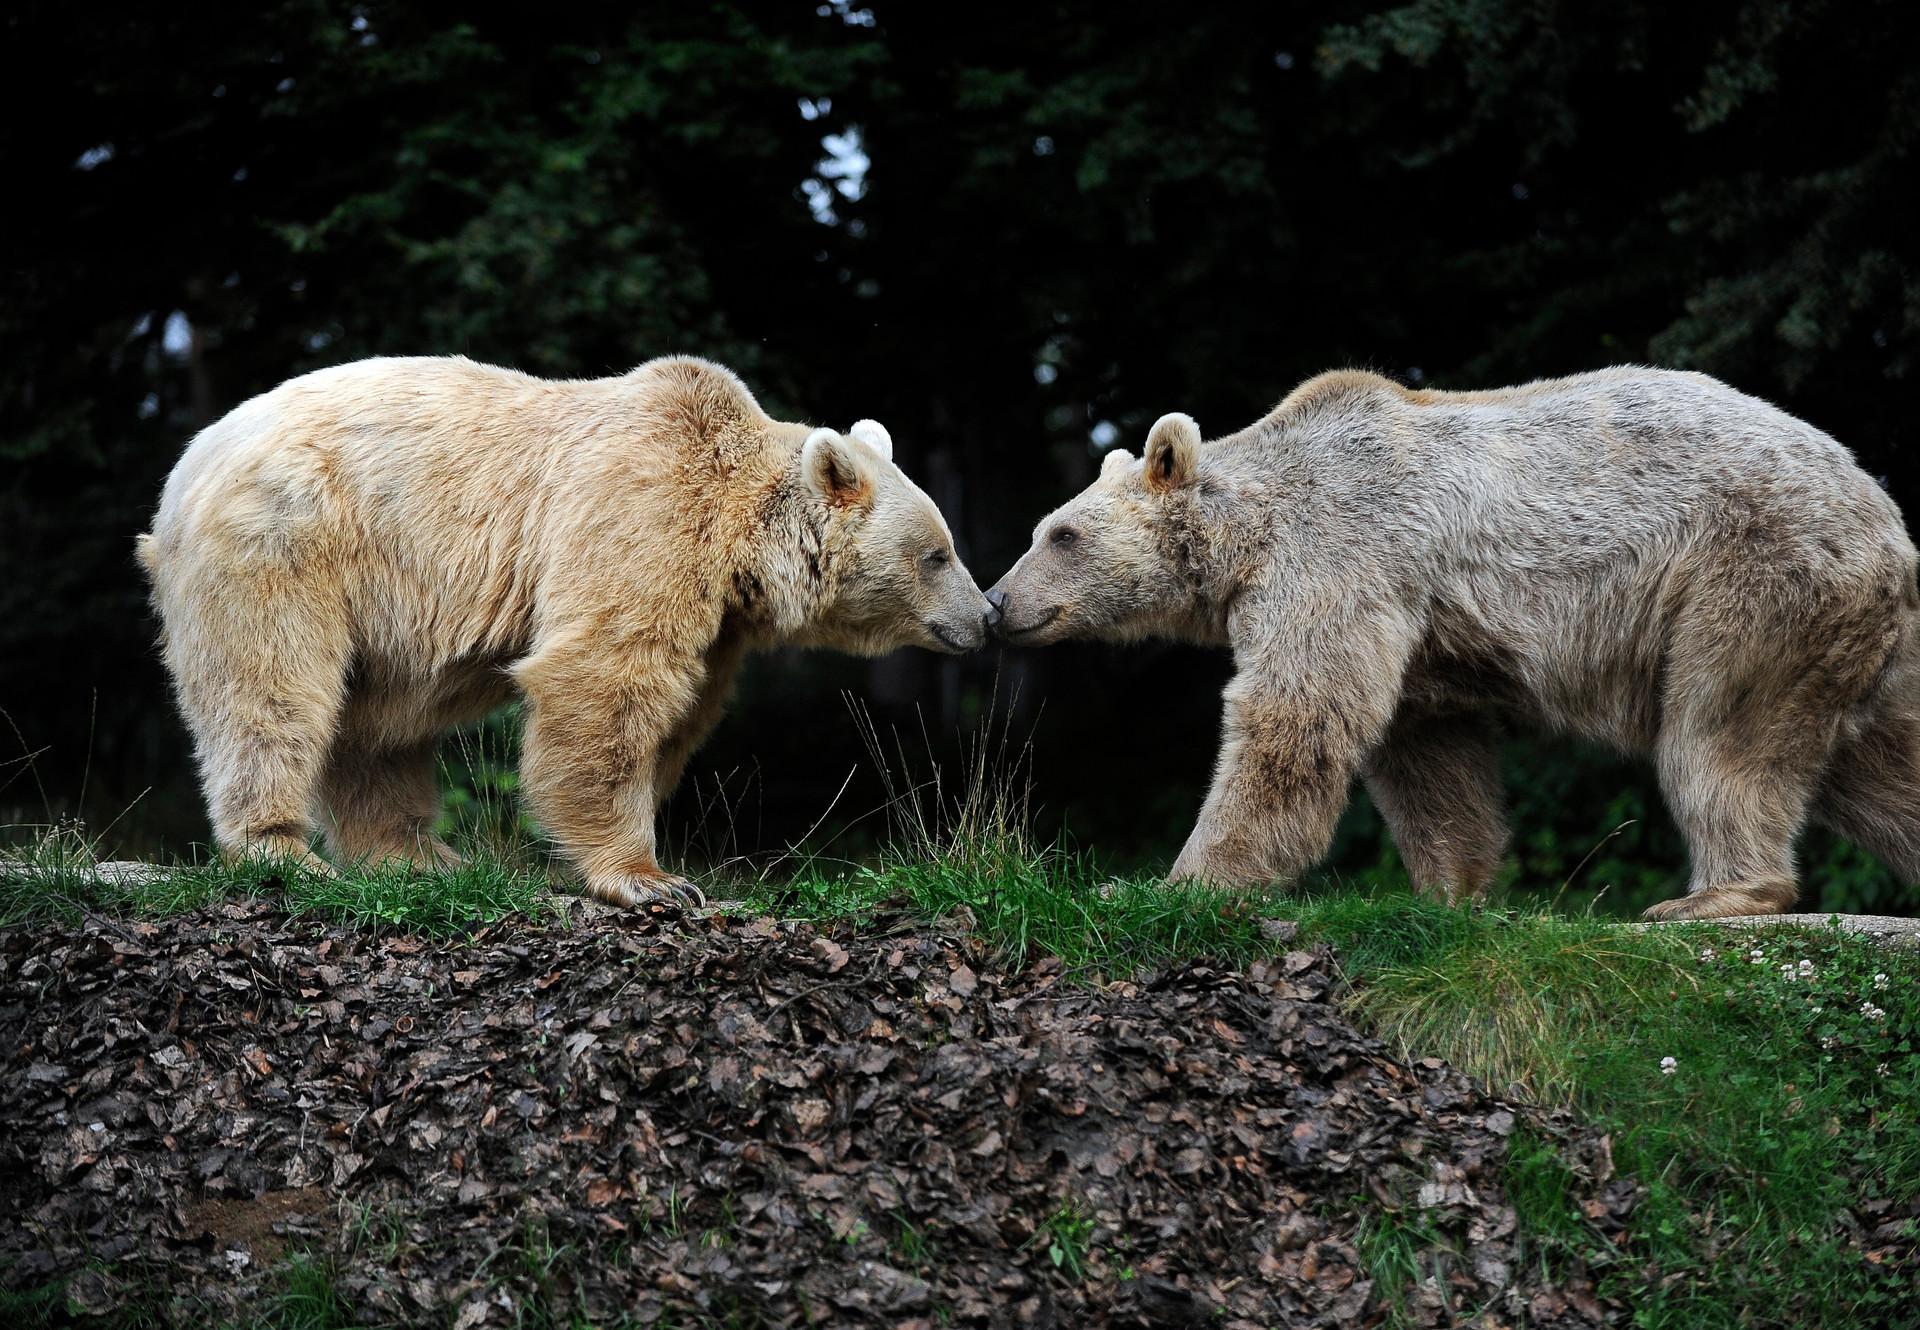 Vergessellschaftung Bären